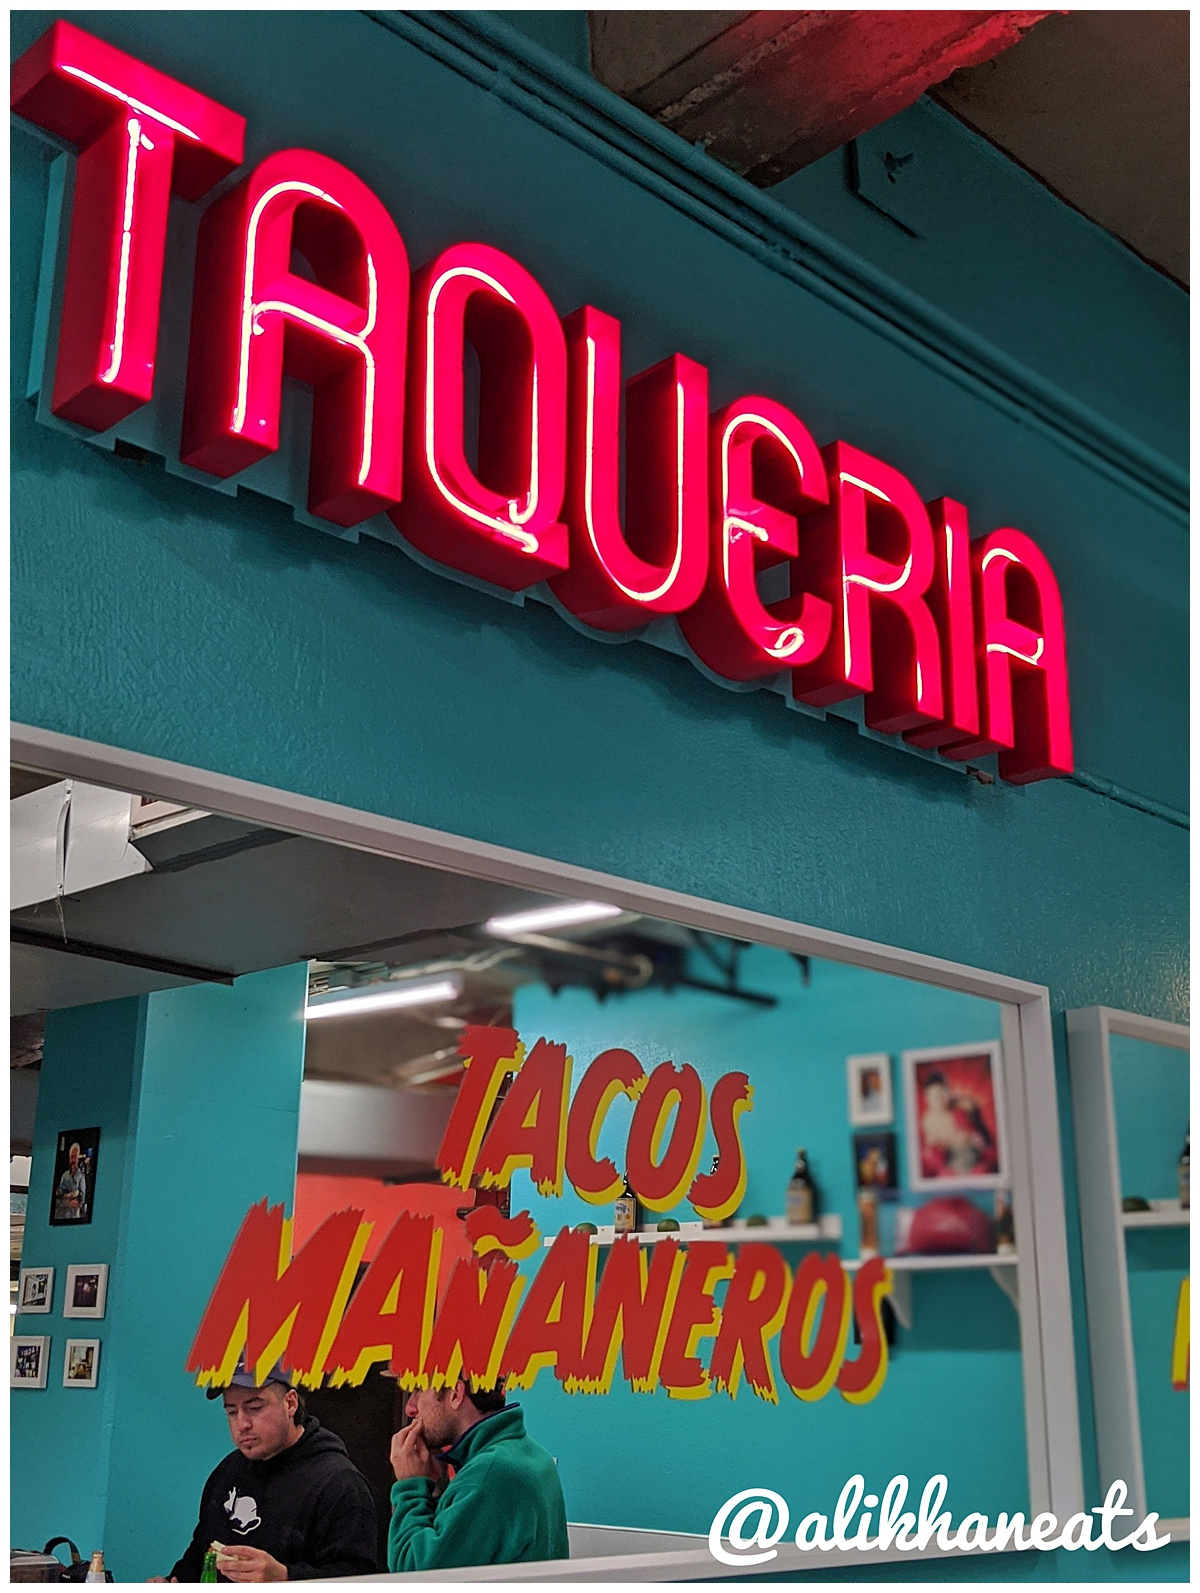 One Taco Taqueria sign